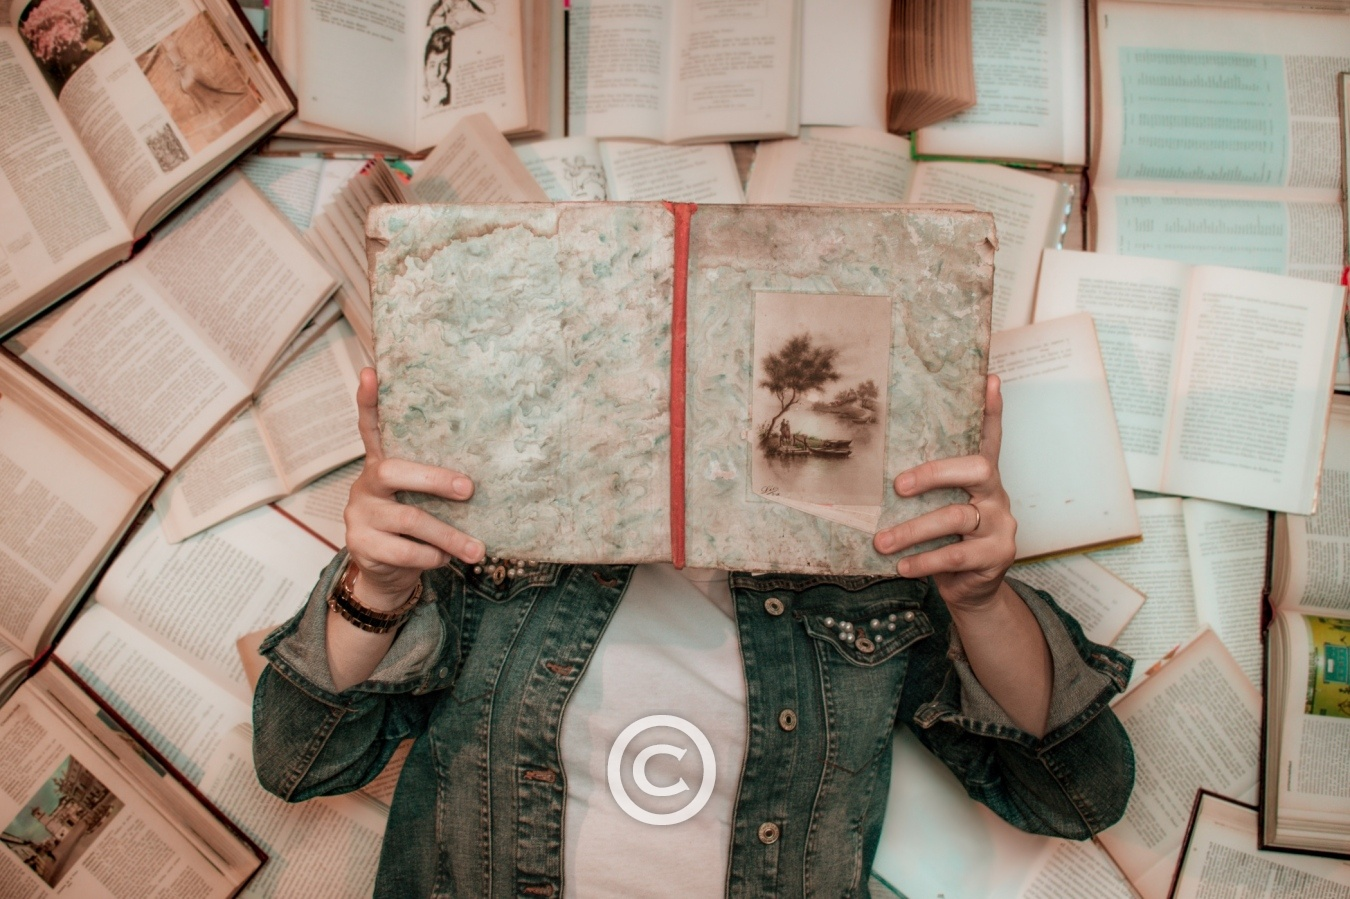 Pasatiempos - Fotografía creativa - Fotografía creativa - SAUL MENENDEZ | zoollpho